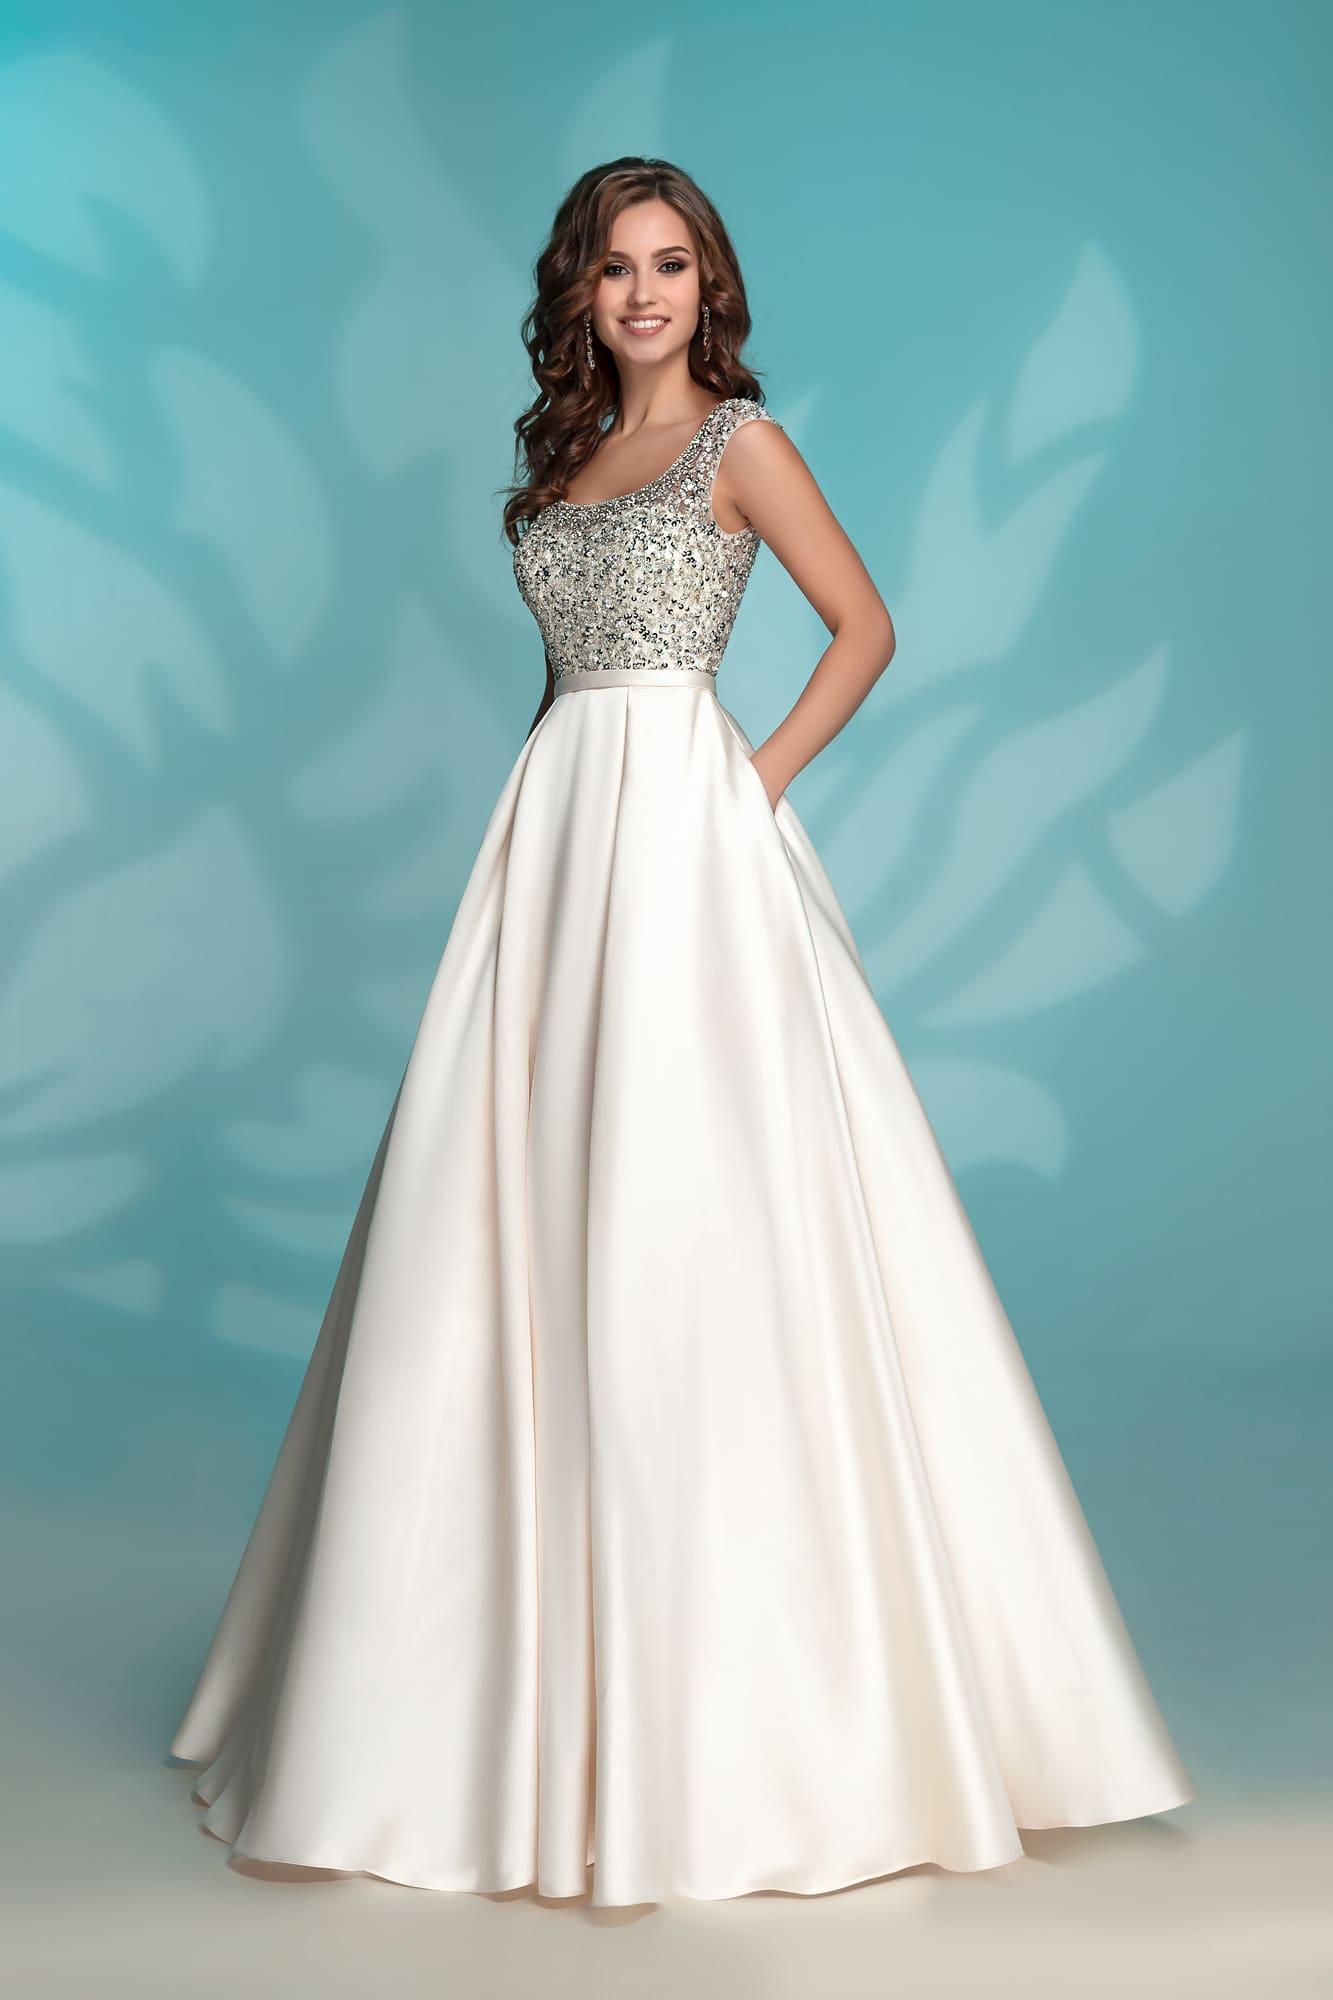 e81ebaf7a4b Платье вечернее цвета айвори Nora Naviano 8176 ivory. Купить ...